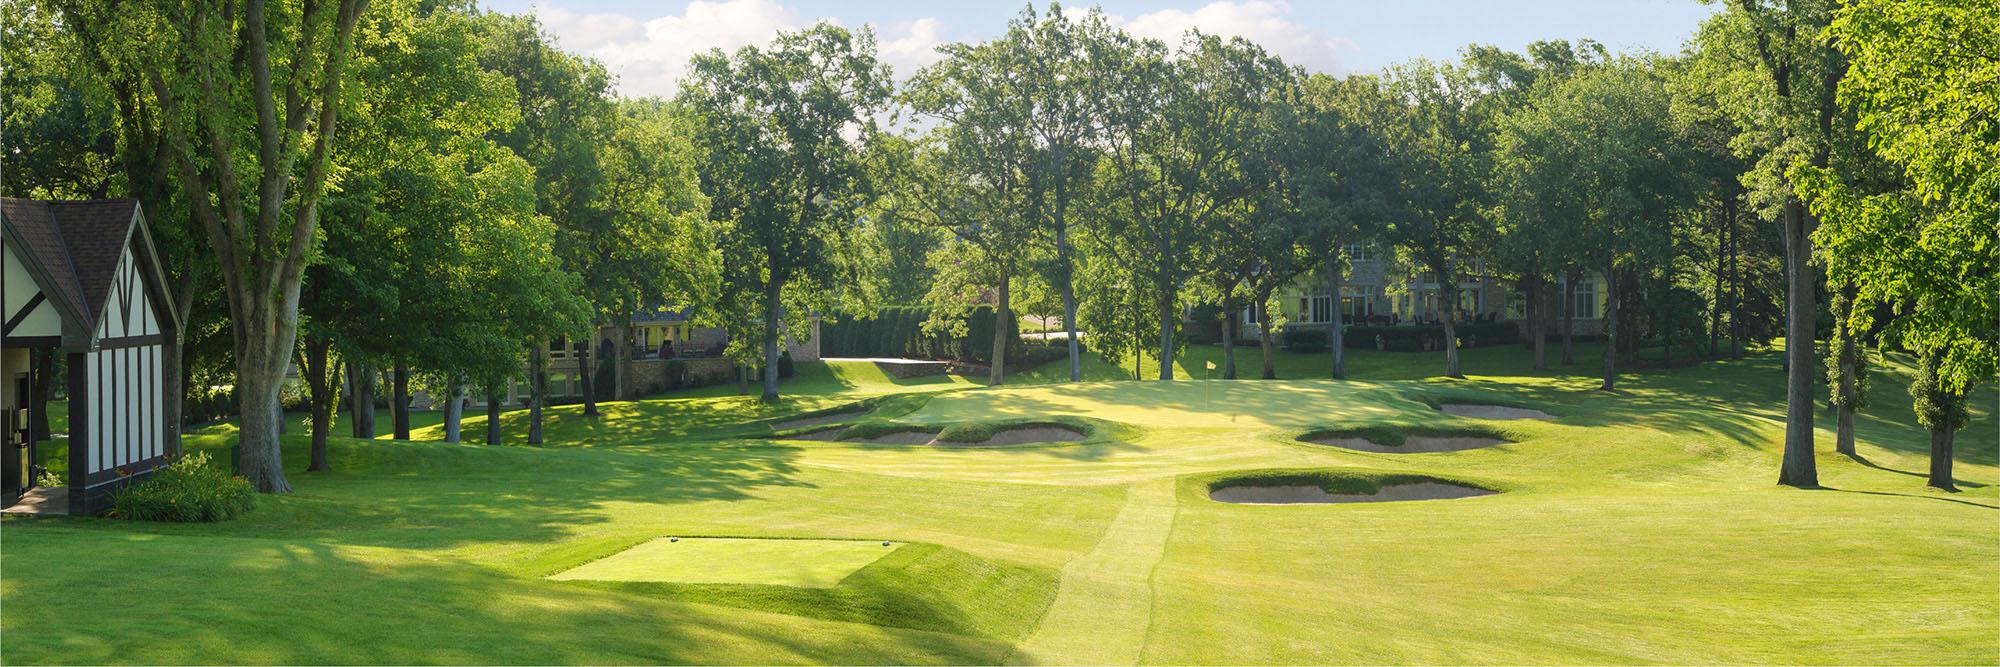 Golf Course Image - Interlachen No. 5